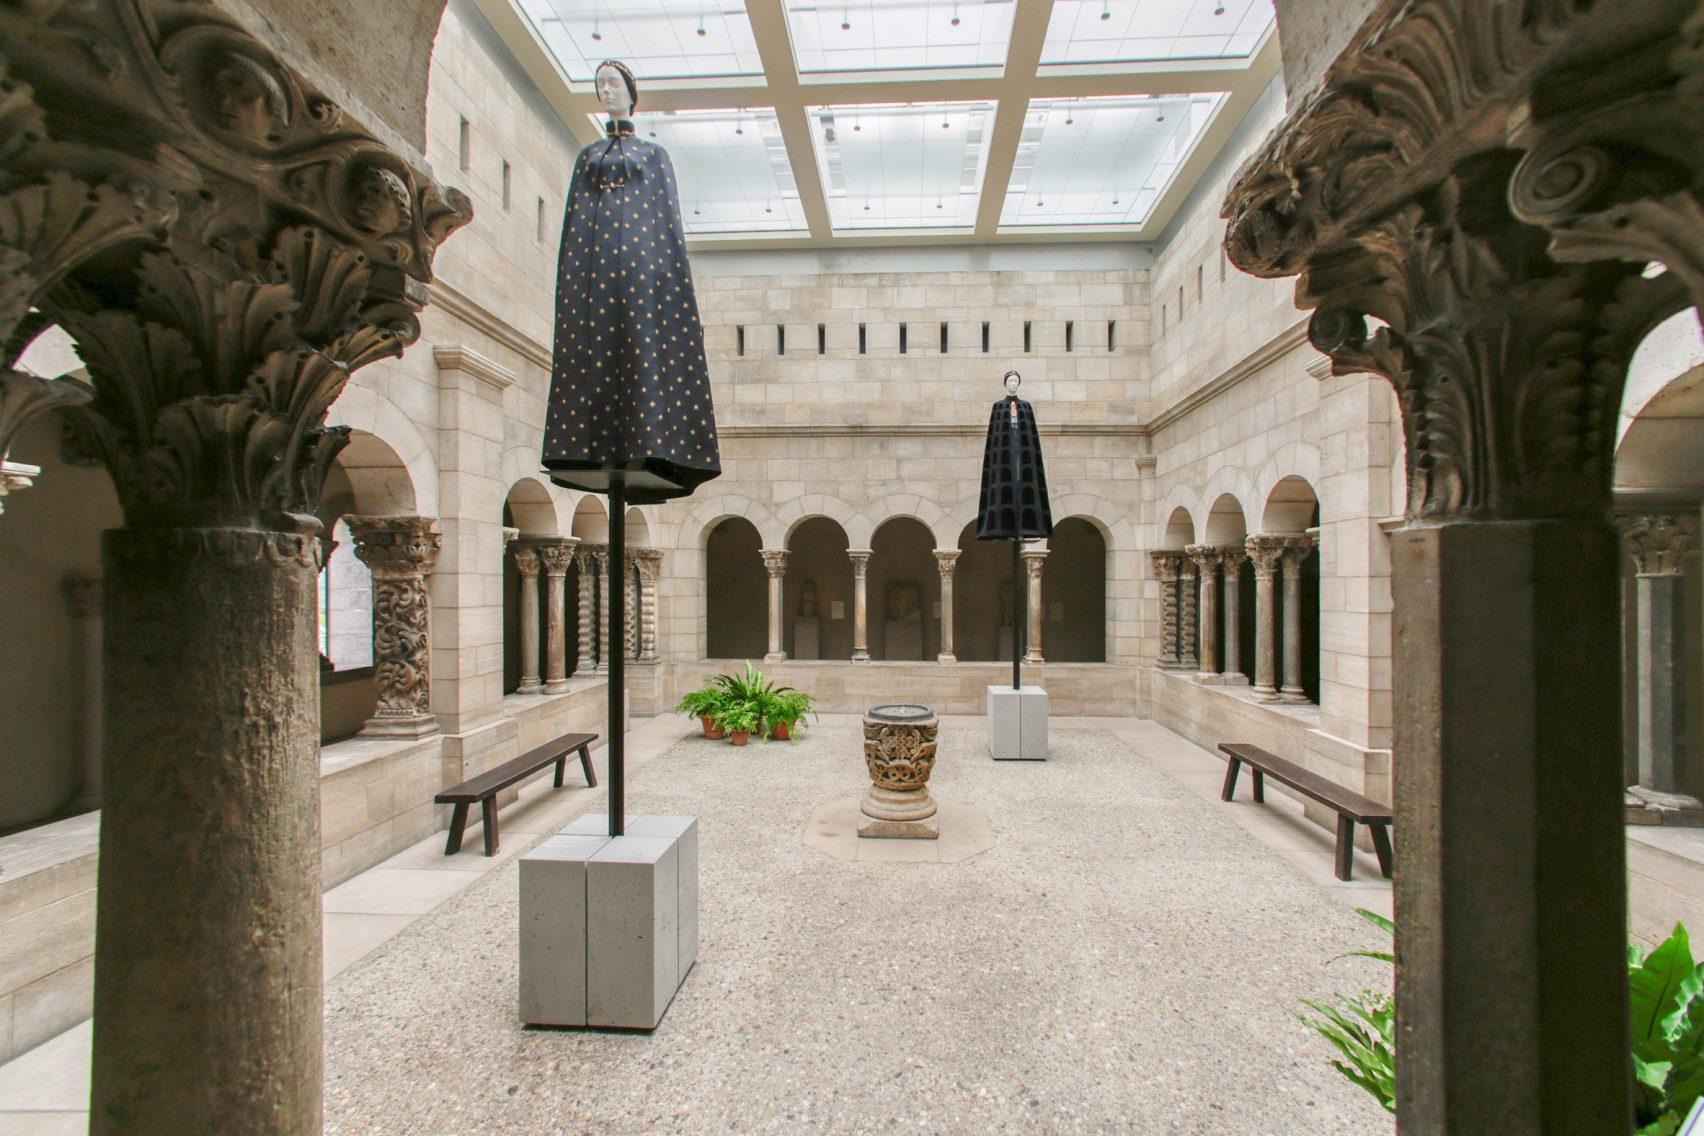 heavenly-bodies-the-met-cloisters-exhibit-new-york-city-usa_dezeen_2364_col_11-1704x1136.jpg